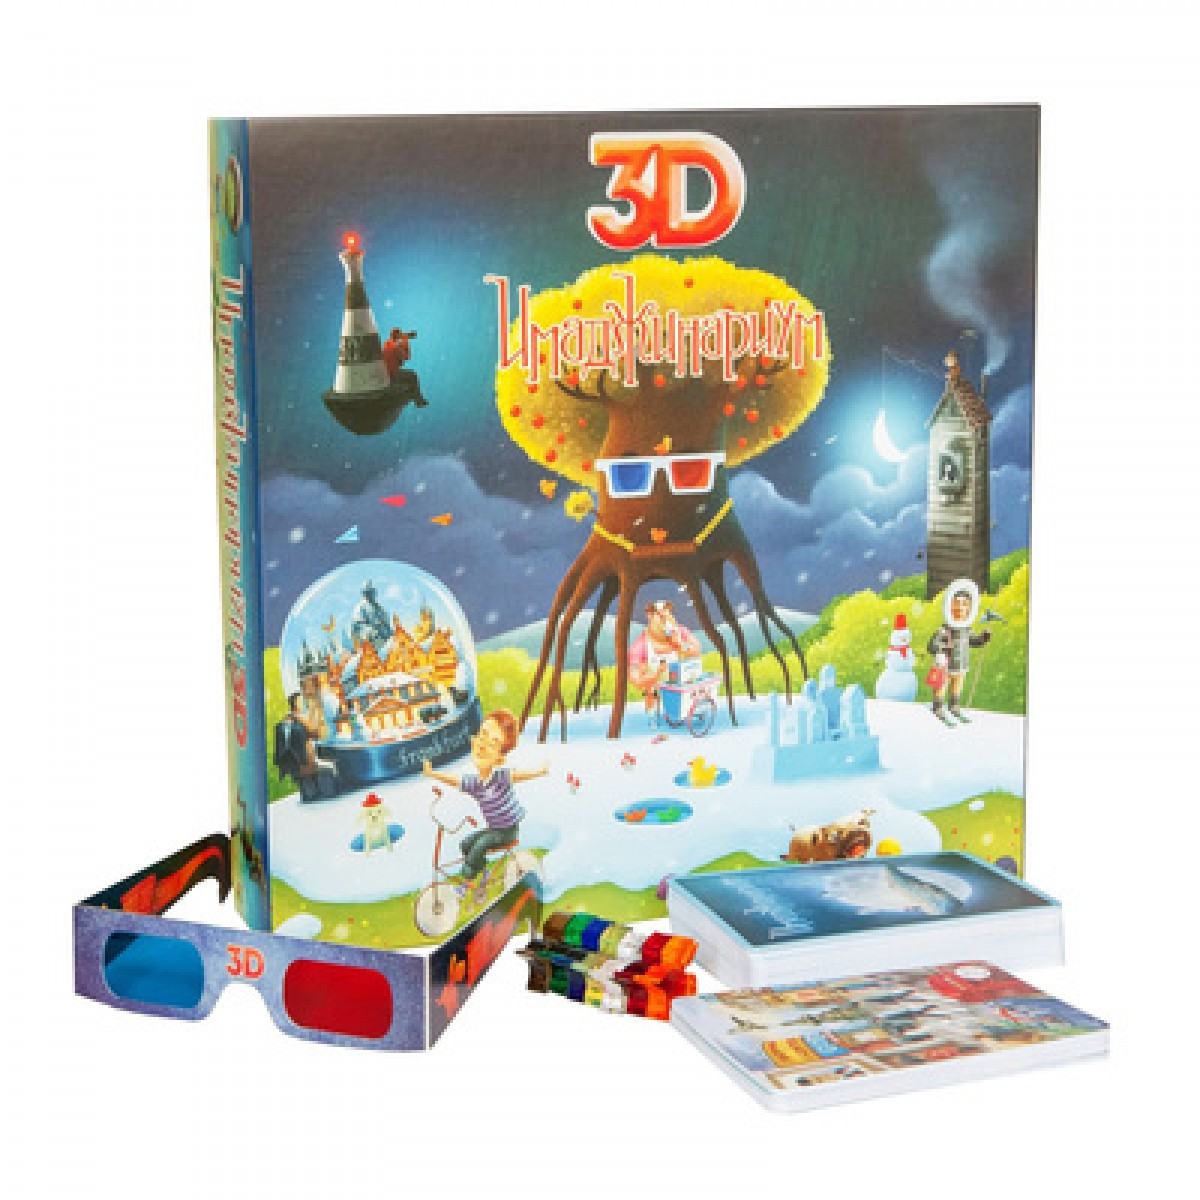 Настольная игра CosmodromeGames Имаджинариум 3D развлекательные игры cosmodromegames имаджинариум 3d